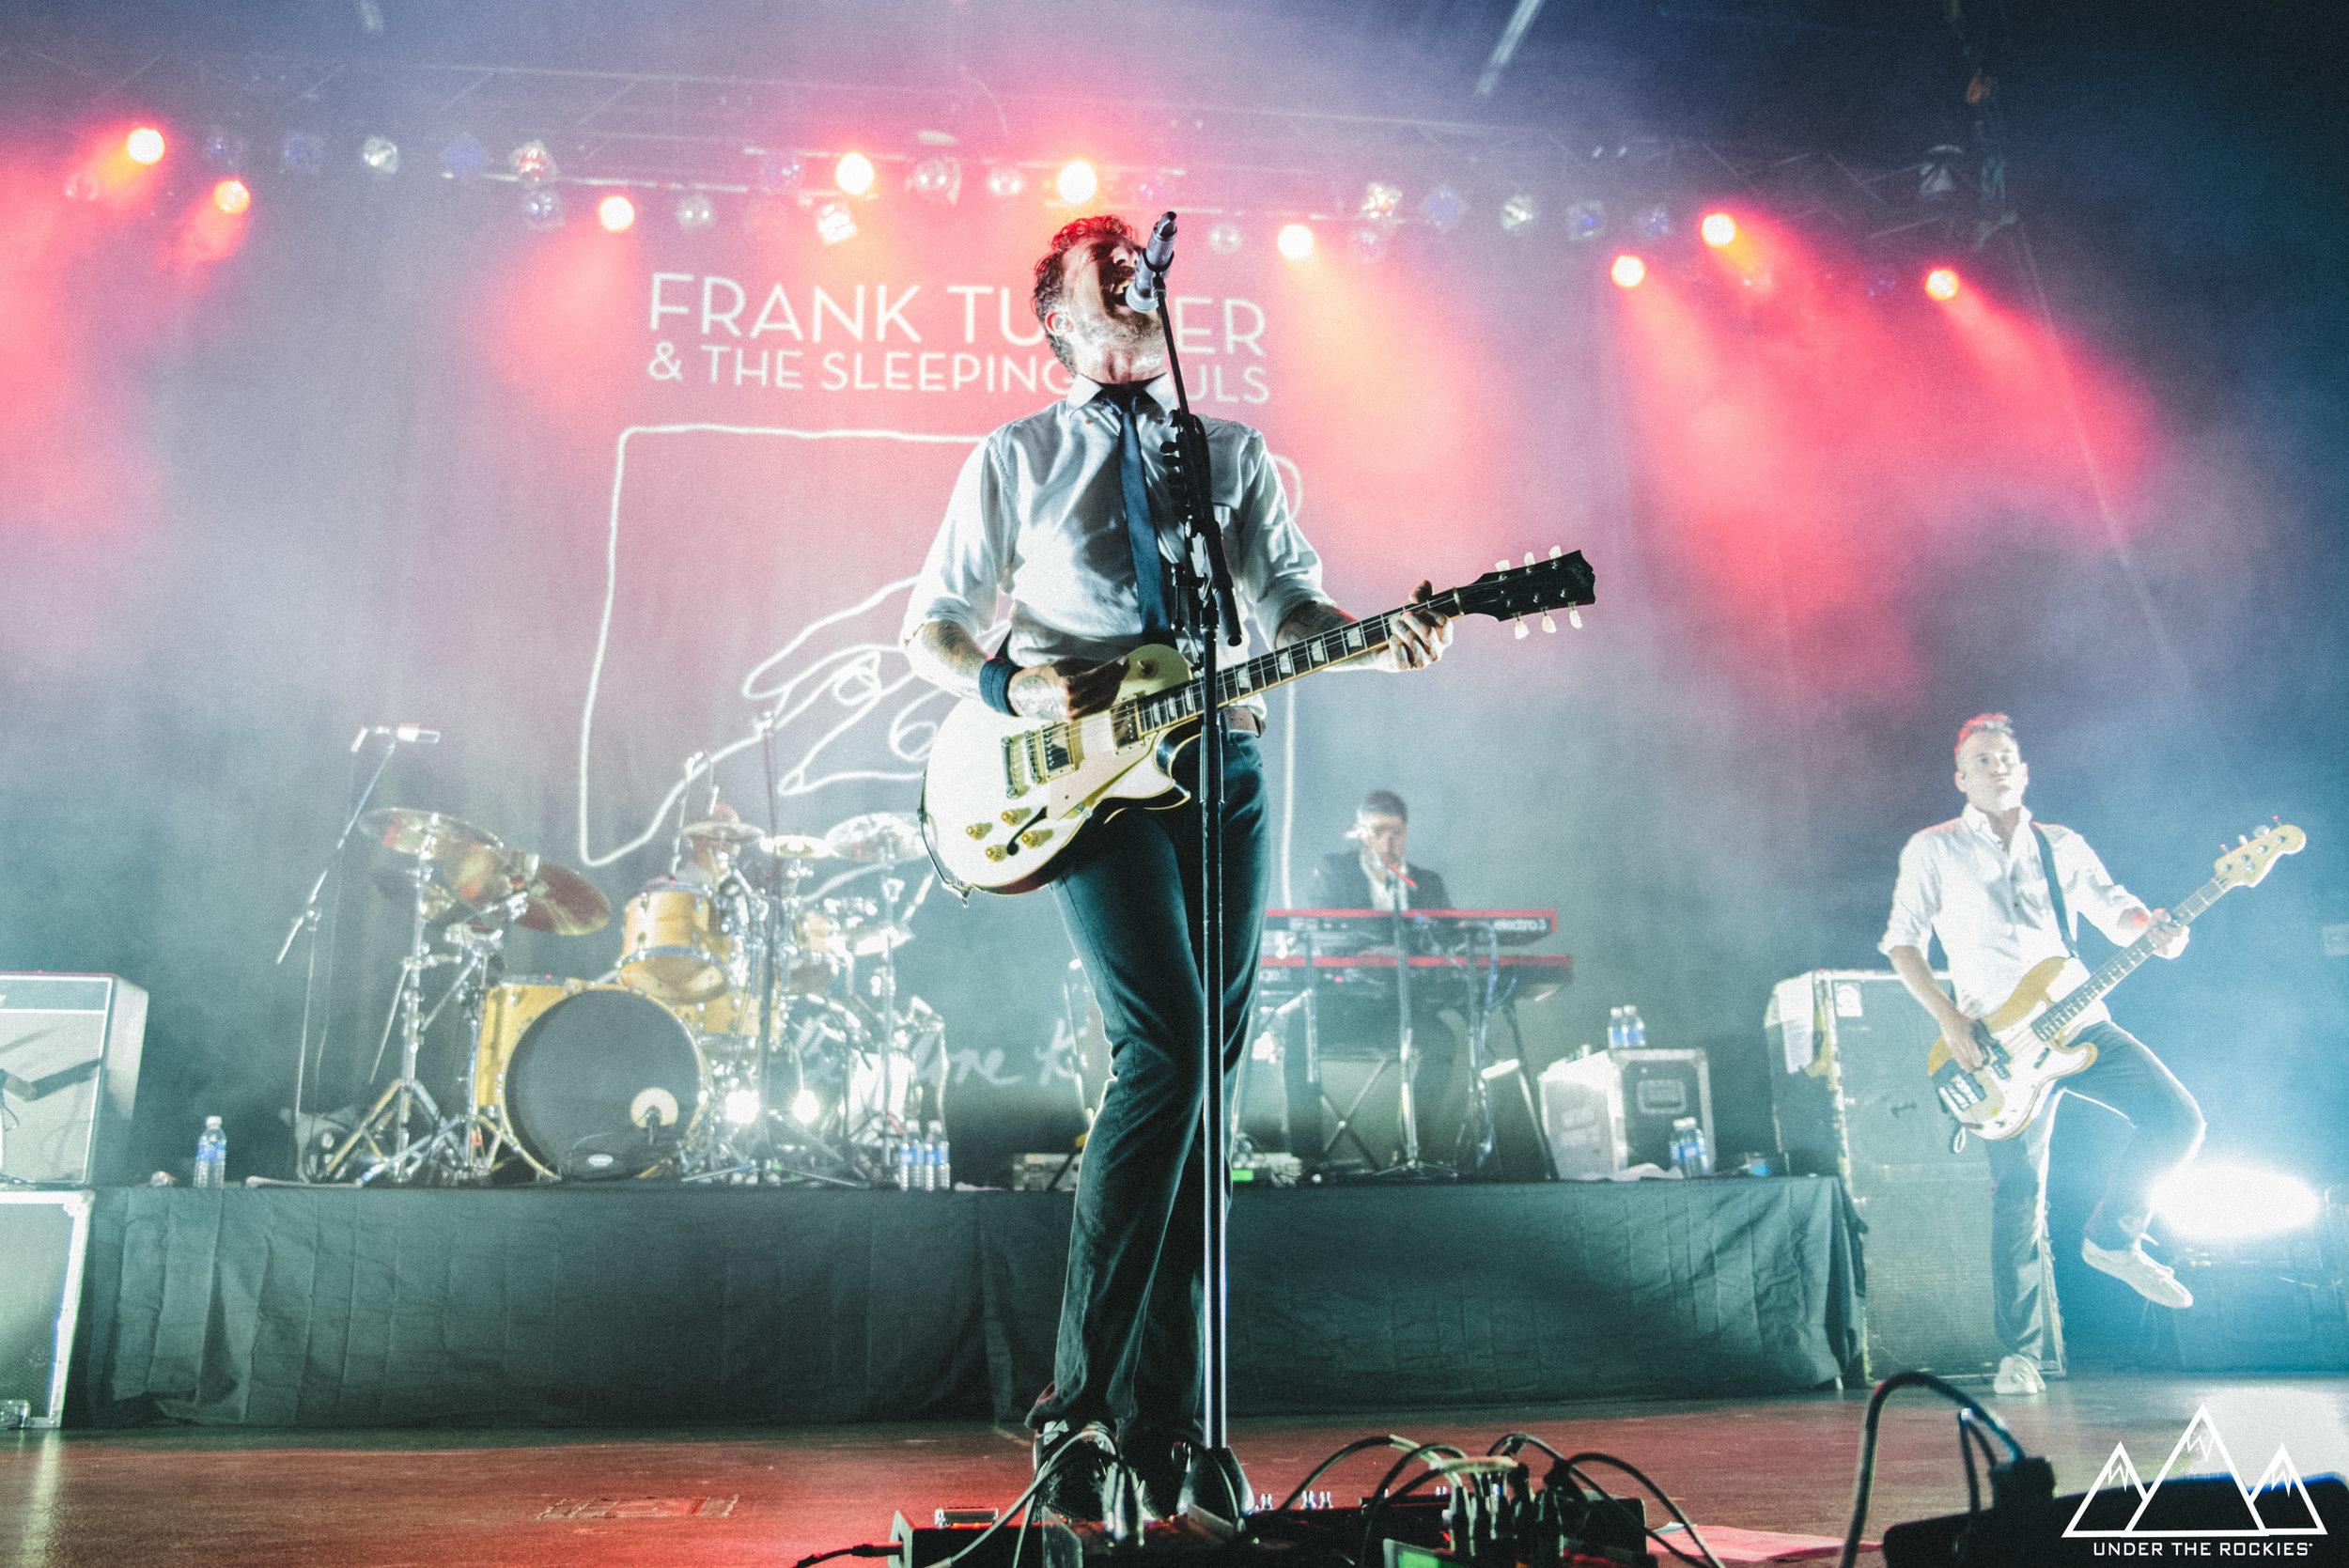 FrankTurner-3.jpg